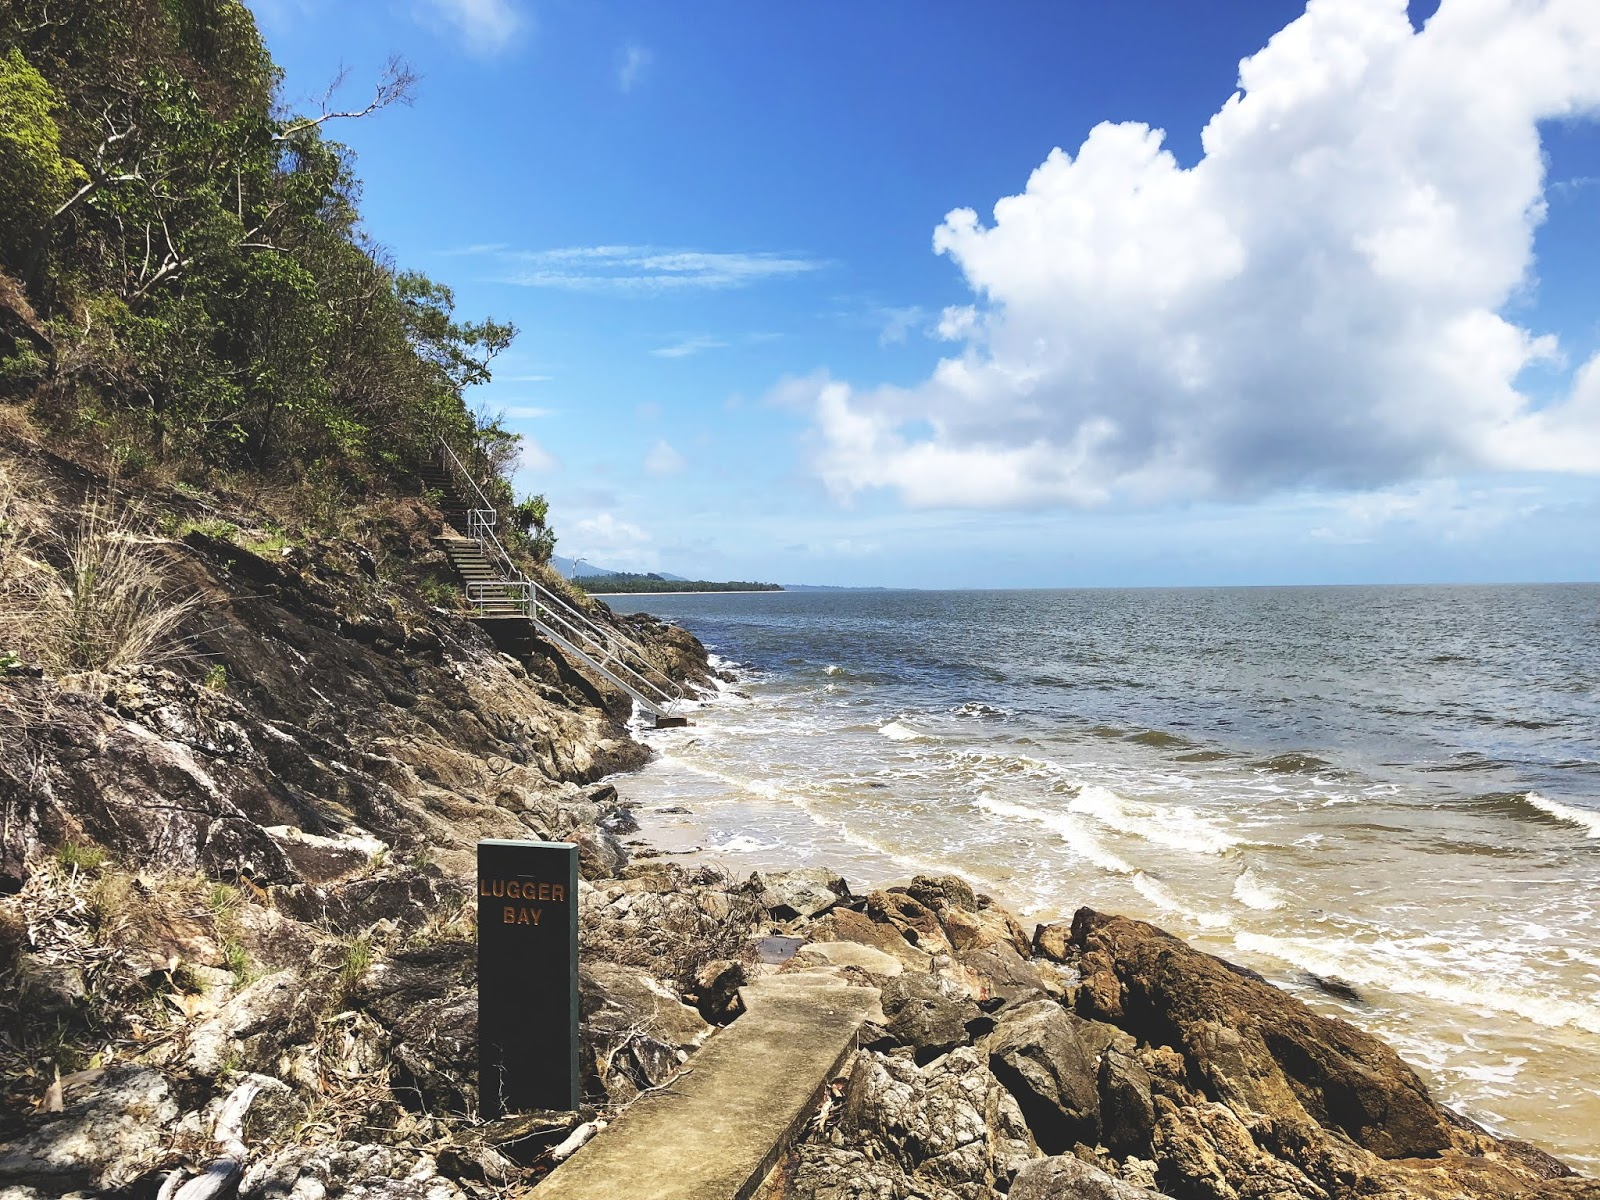 Zejście ze ścieżki Kennedy Walking Track w australijskim miasteczku Mission Beach. Długie białe schody po lewej stornie schodzą w dół na plażę do Morza Koralowego, która już jest zalana przez przypływ. Piaszczysta plaża, duże skarpy i bezchmurne niebo.